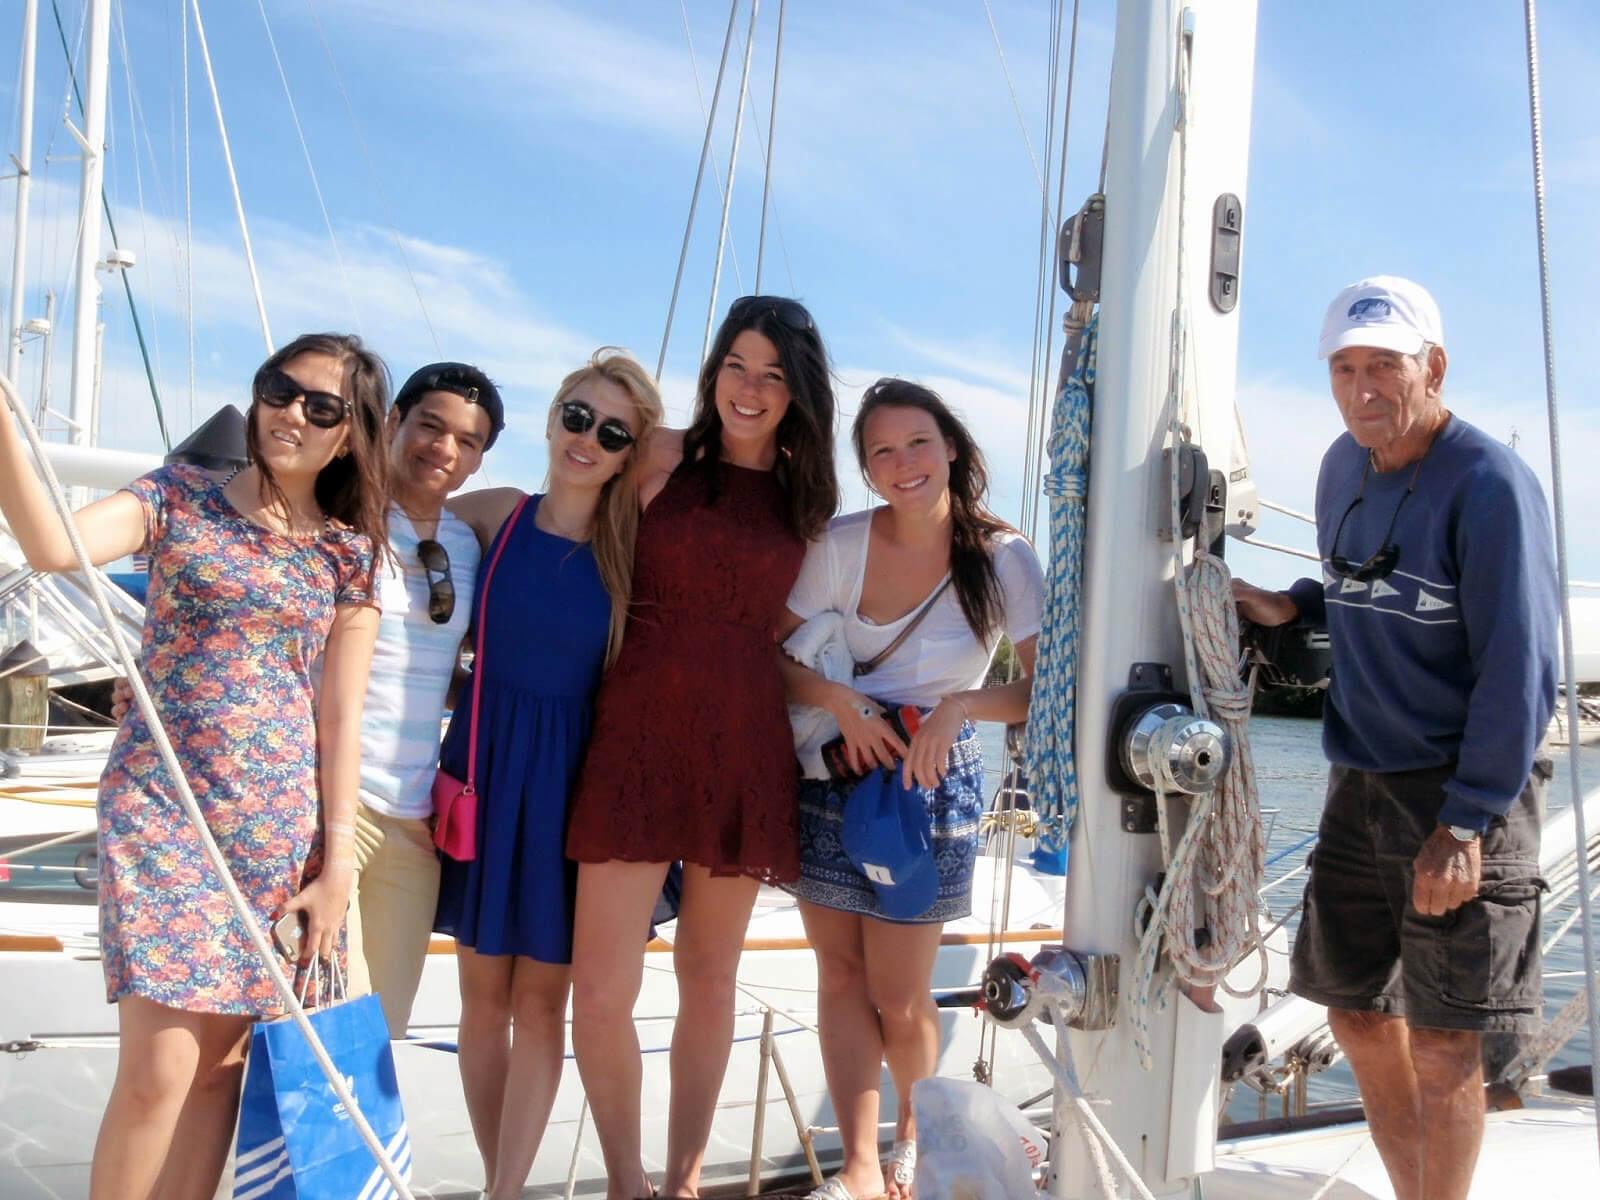 Duke MMS students on spring break in Miami